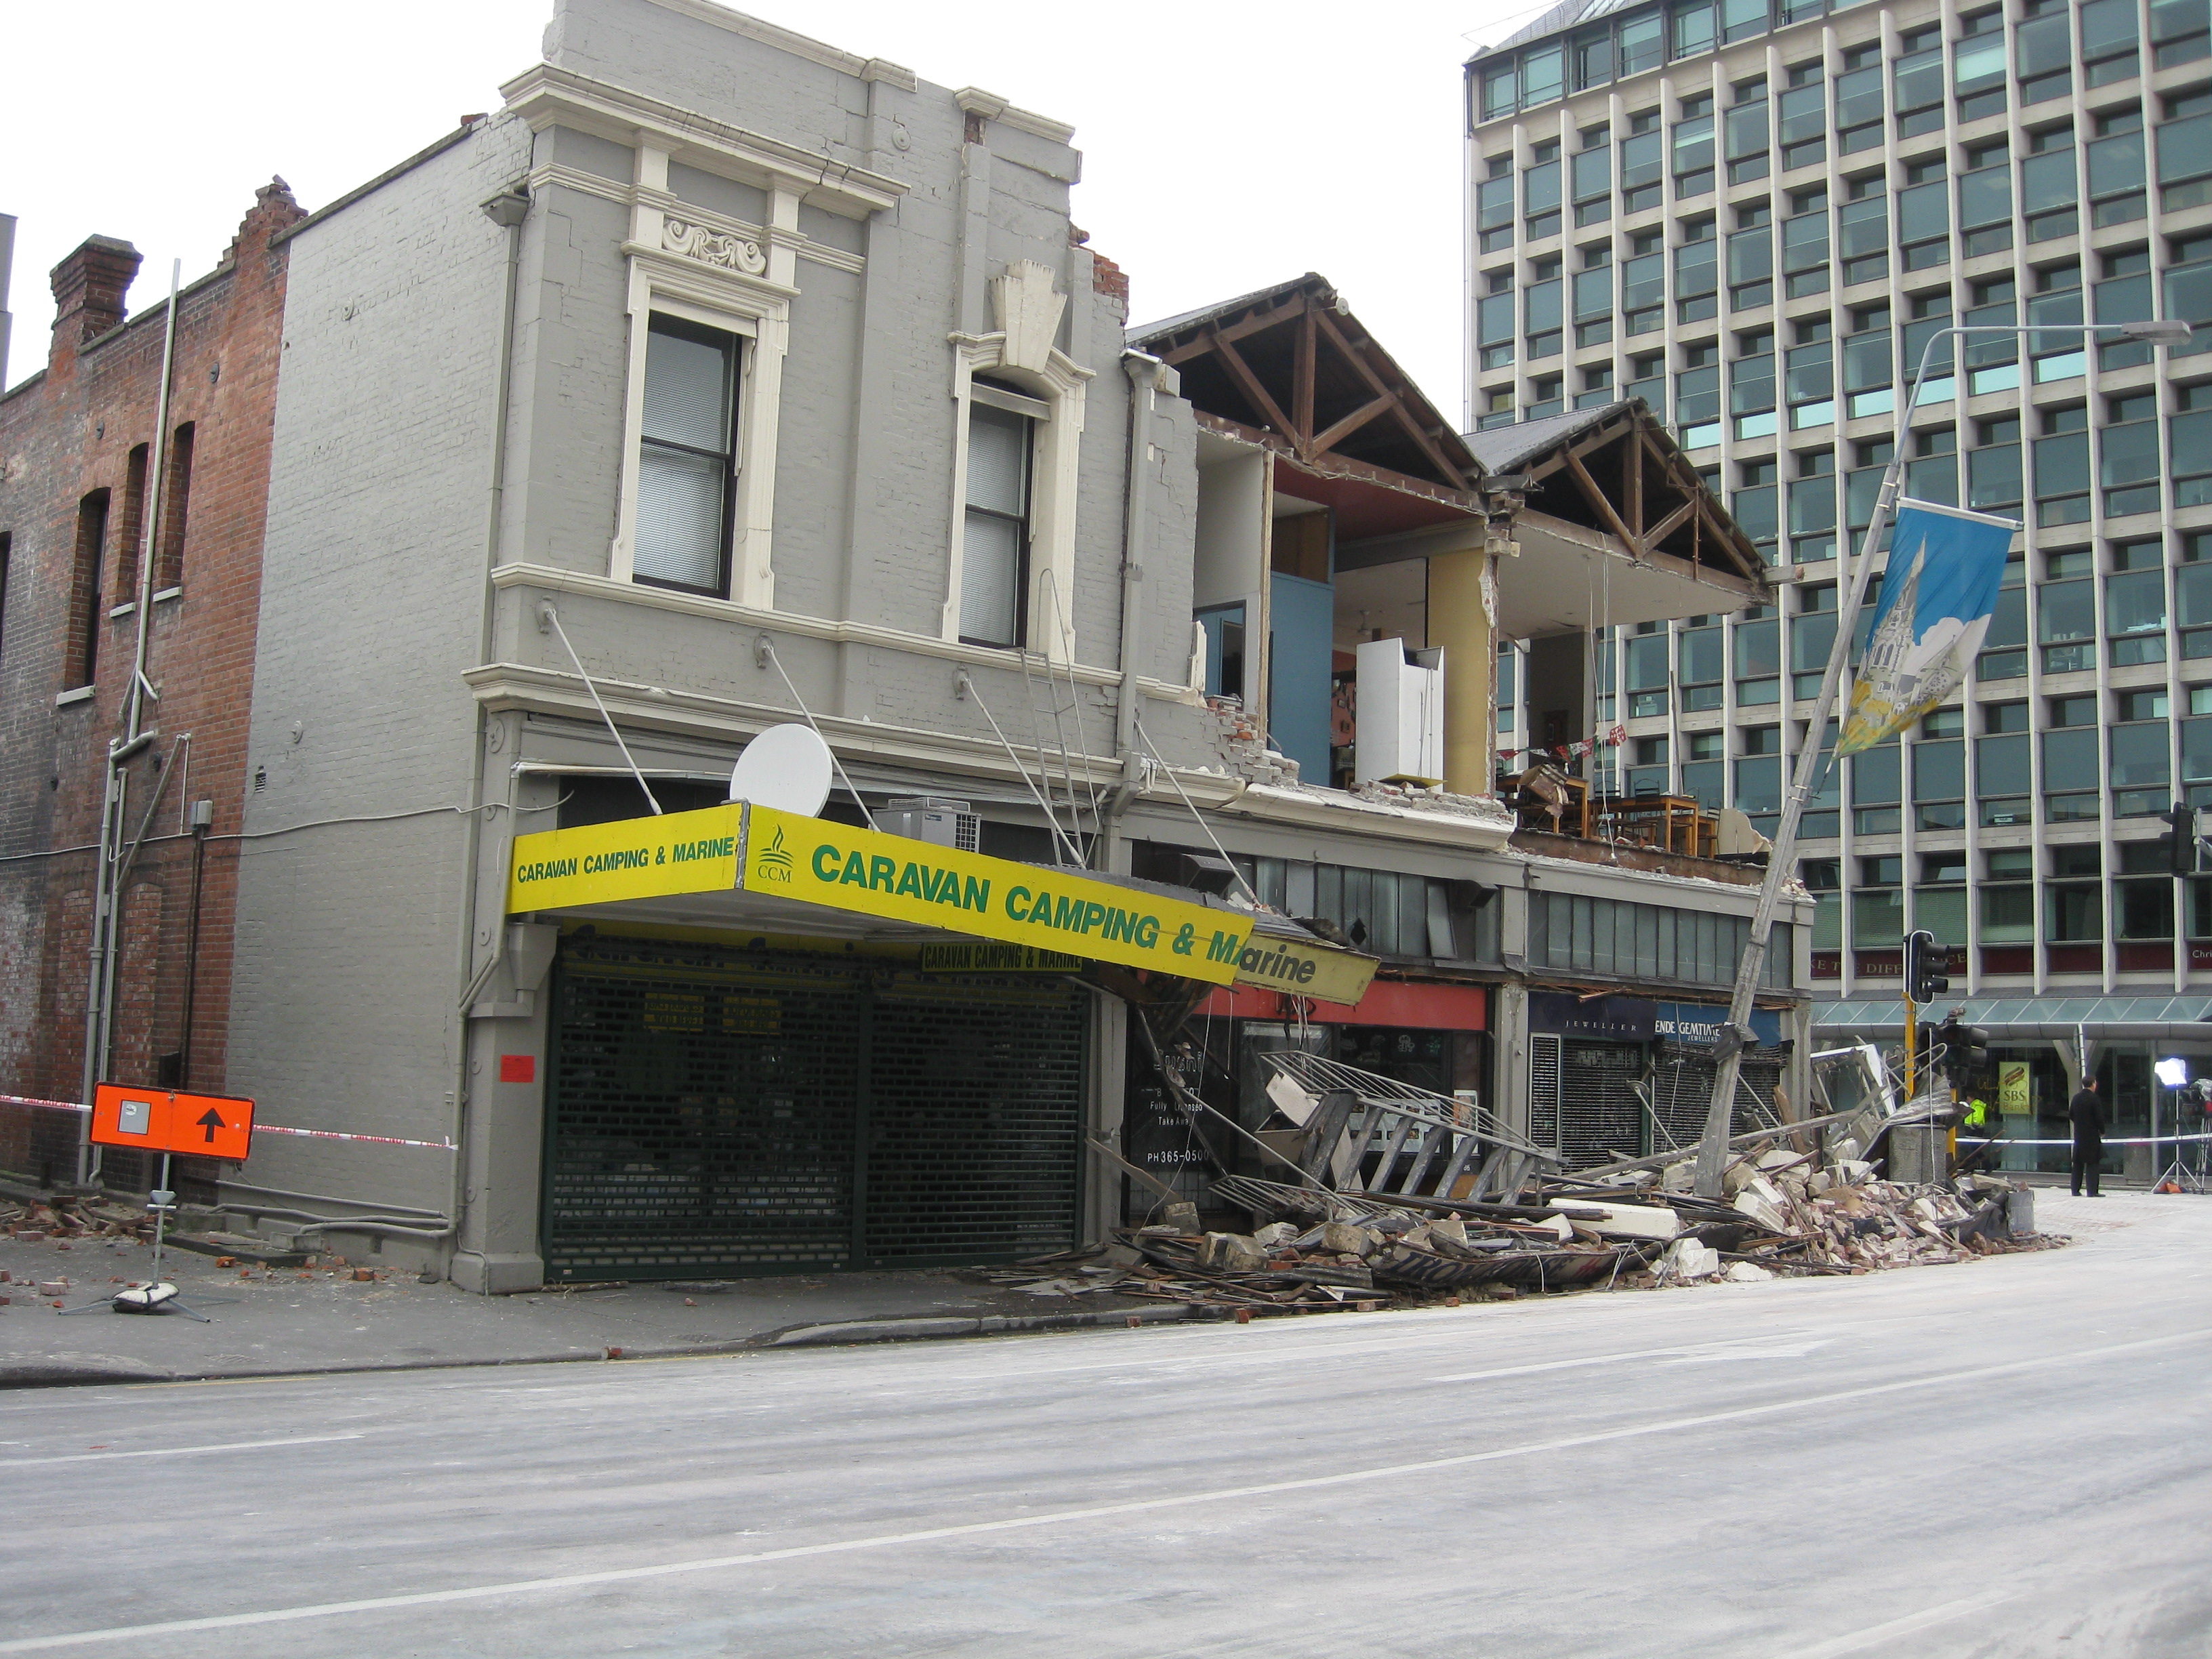 Christchurch Image: Christchurch, New Zealand